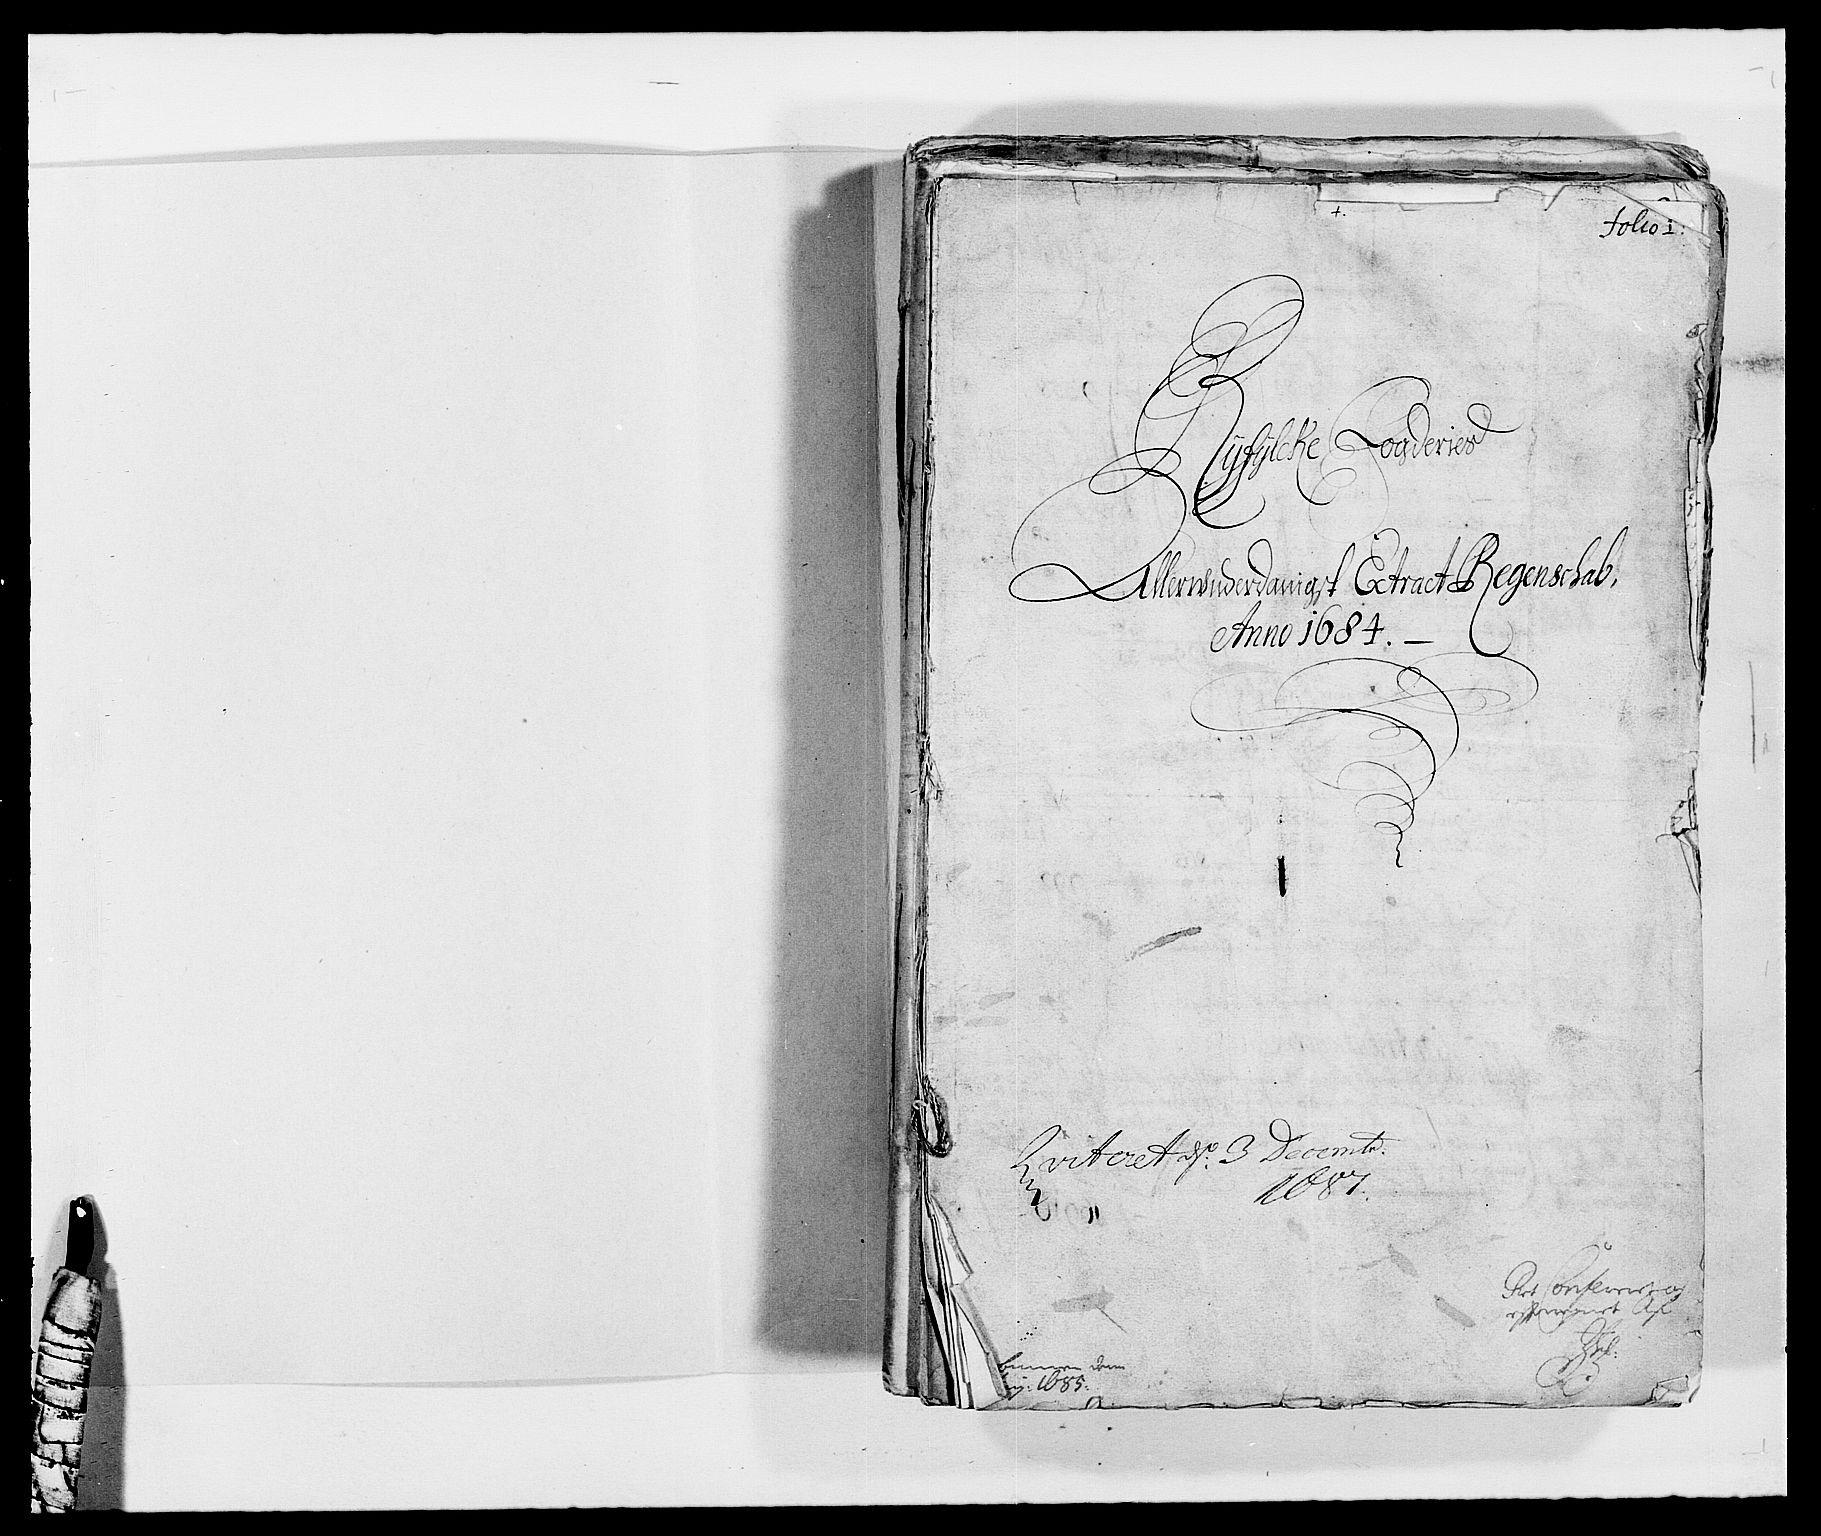 RA, Rentekammeret inntil 1814, Reviderte regnskaper, Fogderegnskap, R47/L2854: Fogderegnskap Ryfylke, 1684, s. 2